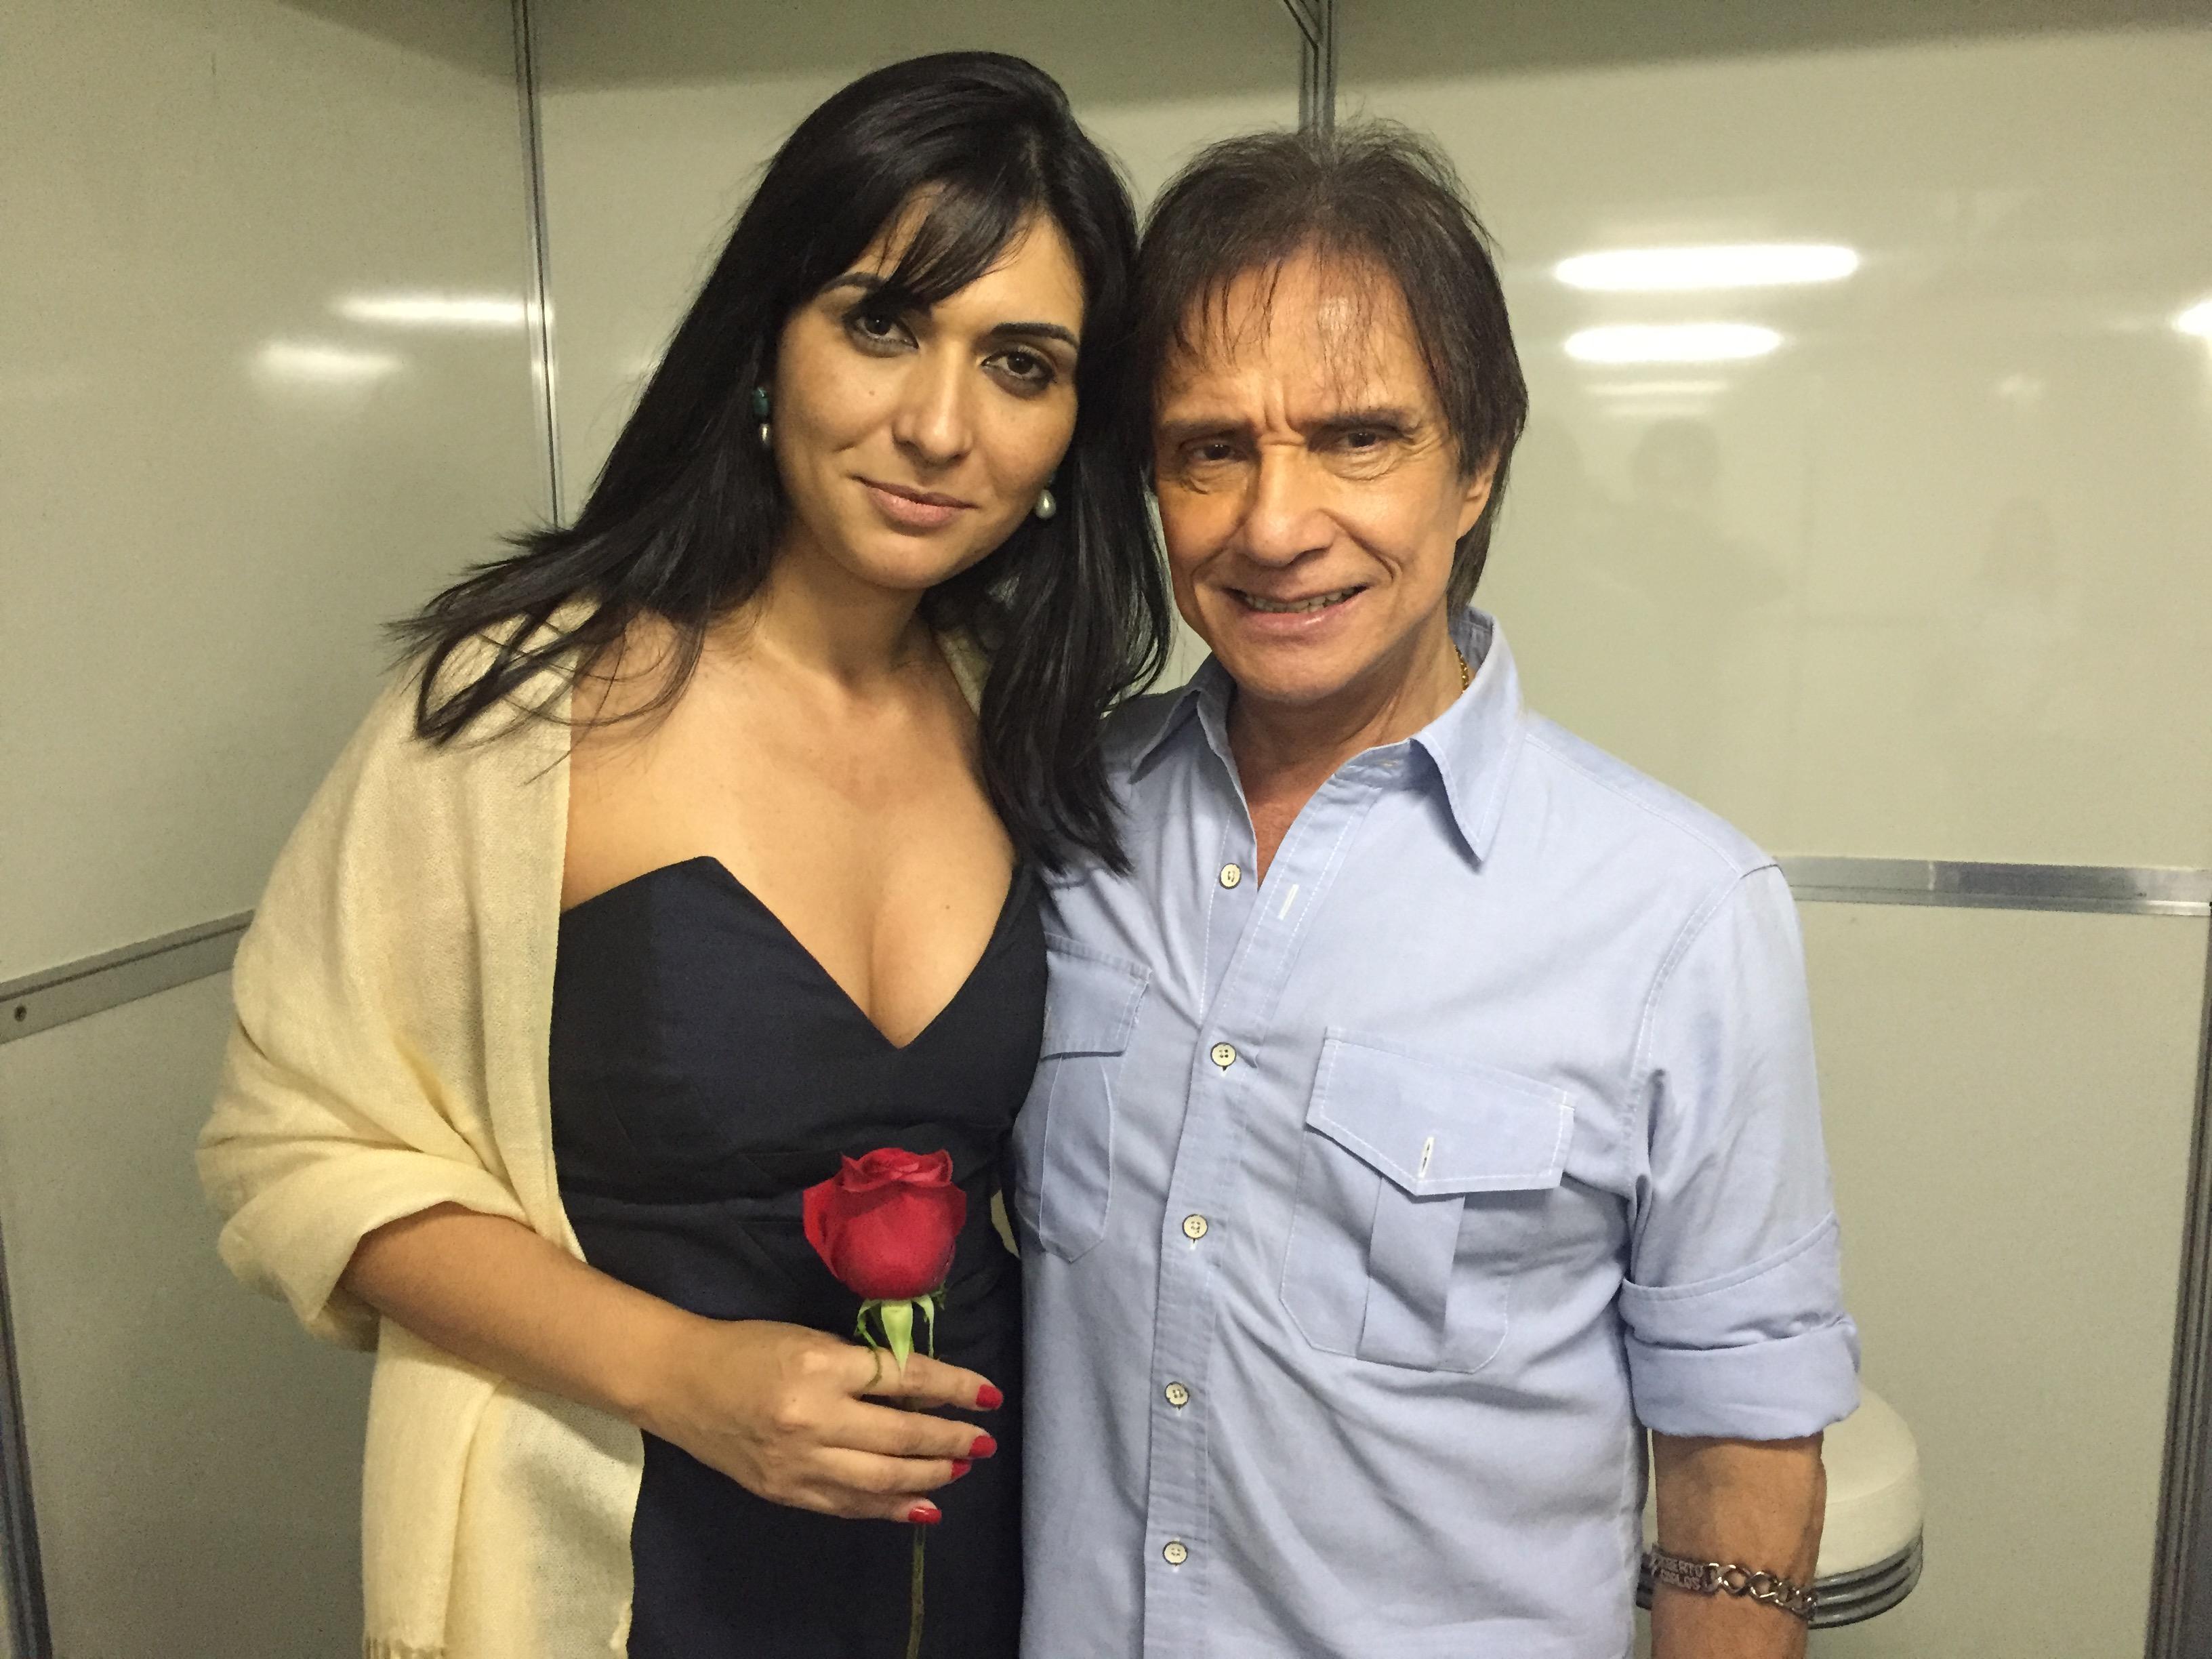 Antonia ribeiro